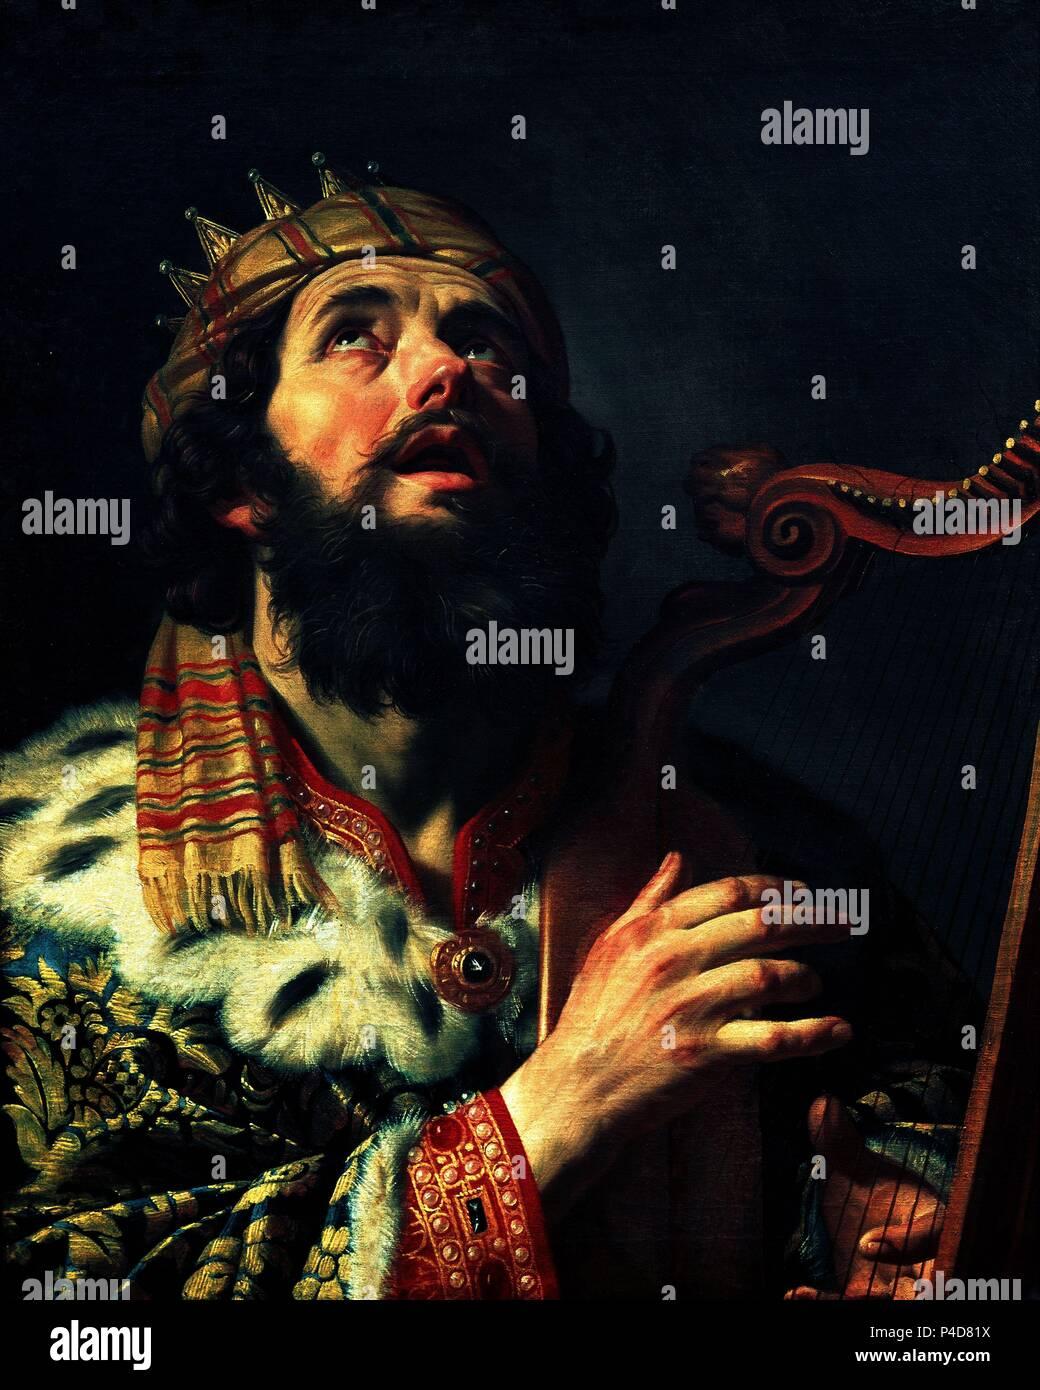 El Rey David Tocando El Arpa 1622 Lienzo 815 X 652 Cm Nºinv